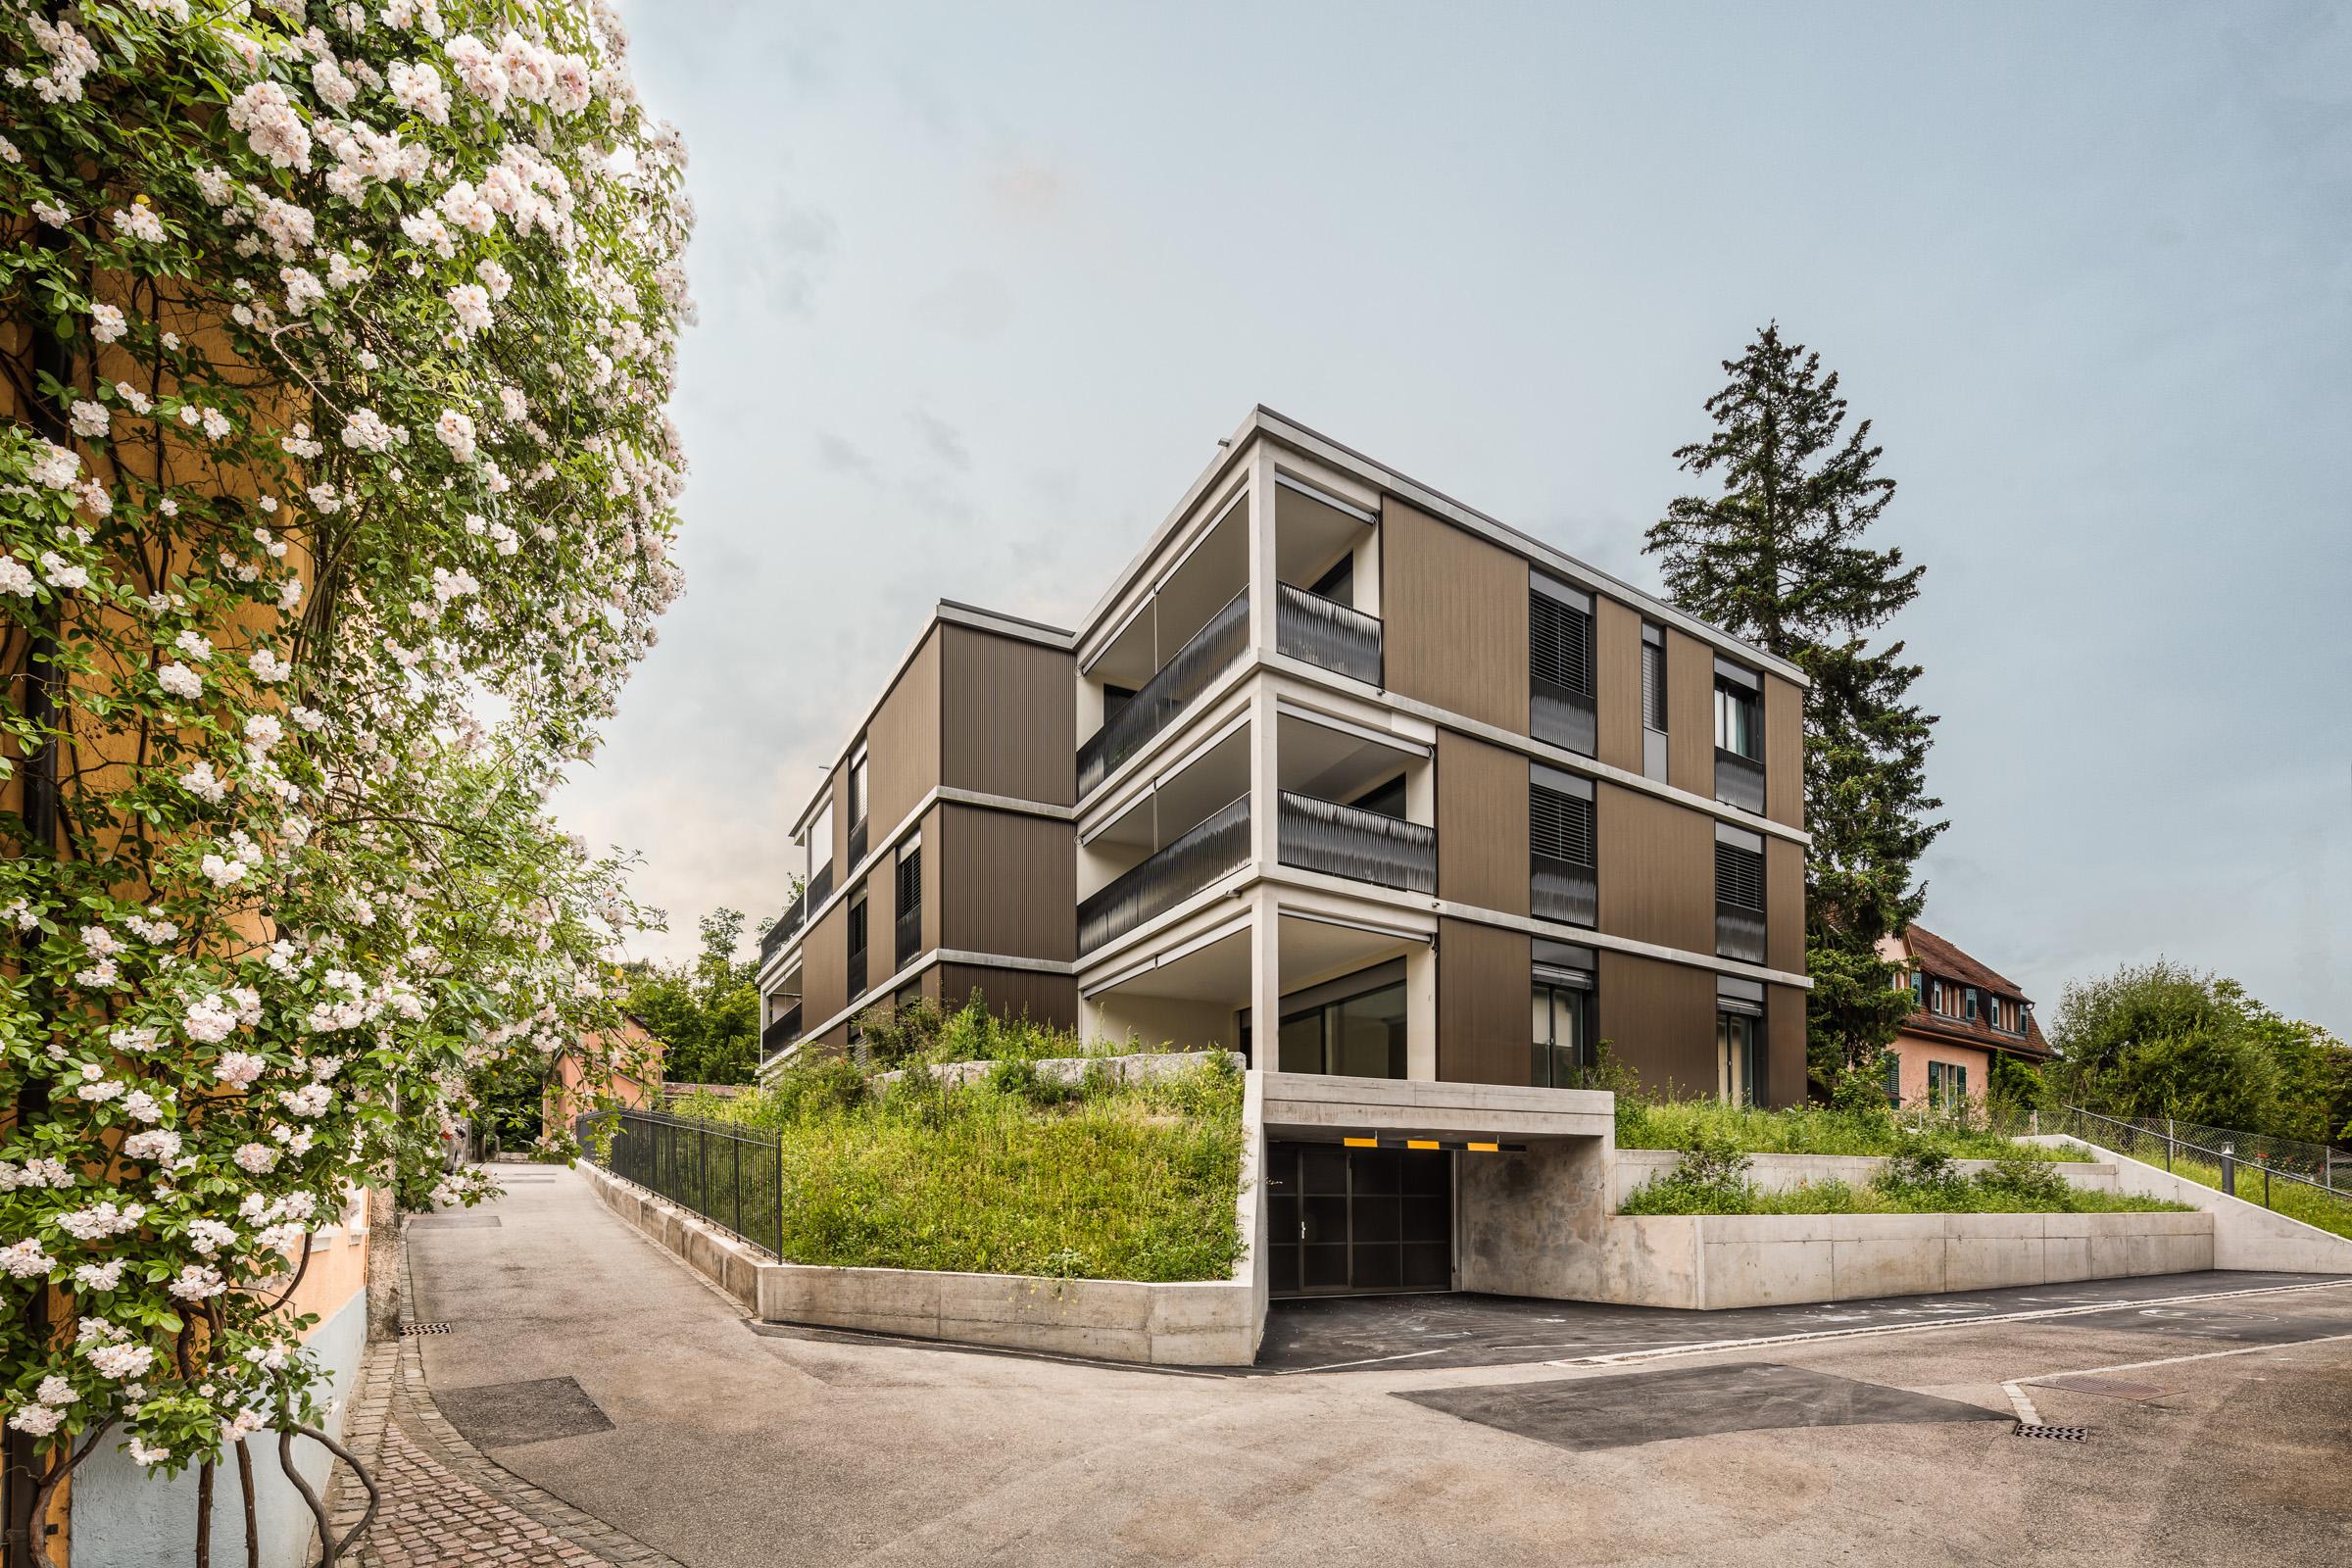 19-101.1 - Meyer Stegemann Architketen - MFH Zimmerweg Schaffhausen--3.jpg